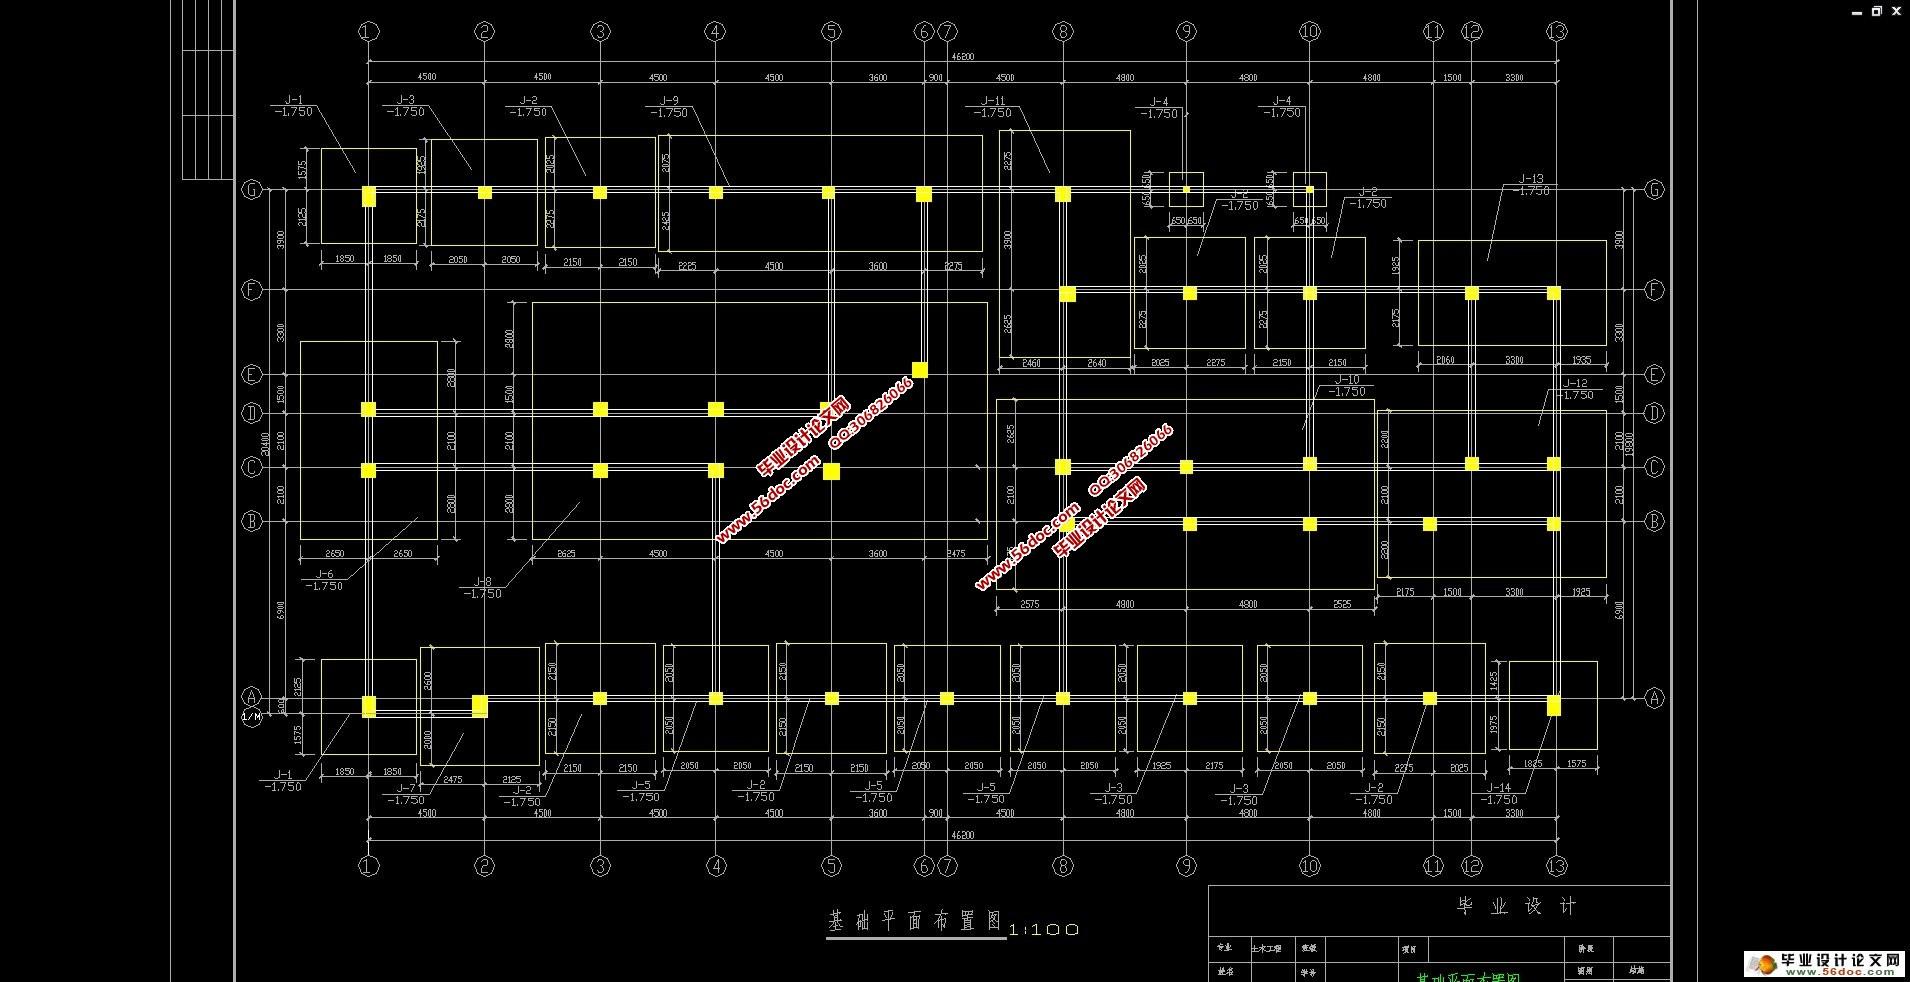 七层6118平米办公综合楼结构施工组织设计||土木毕业